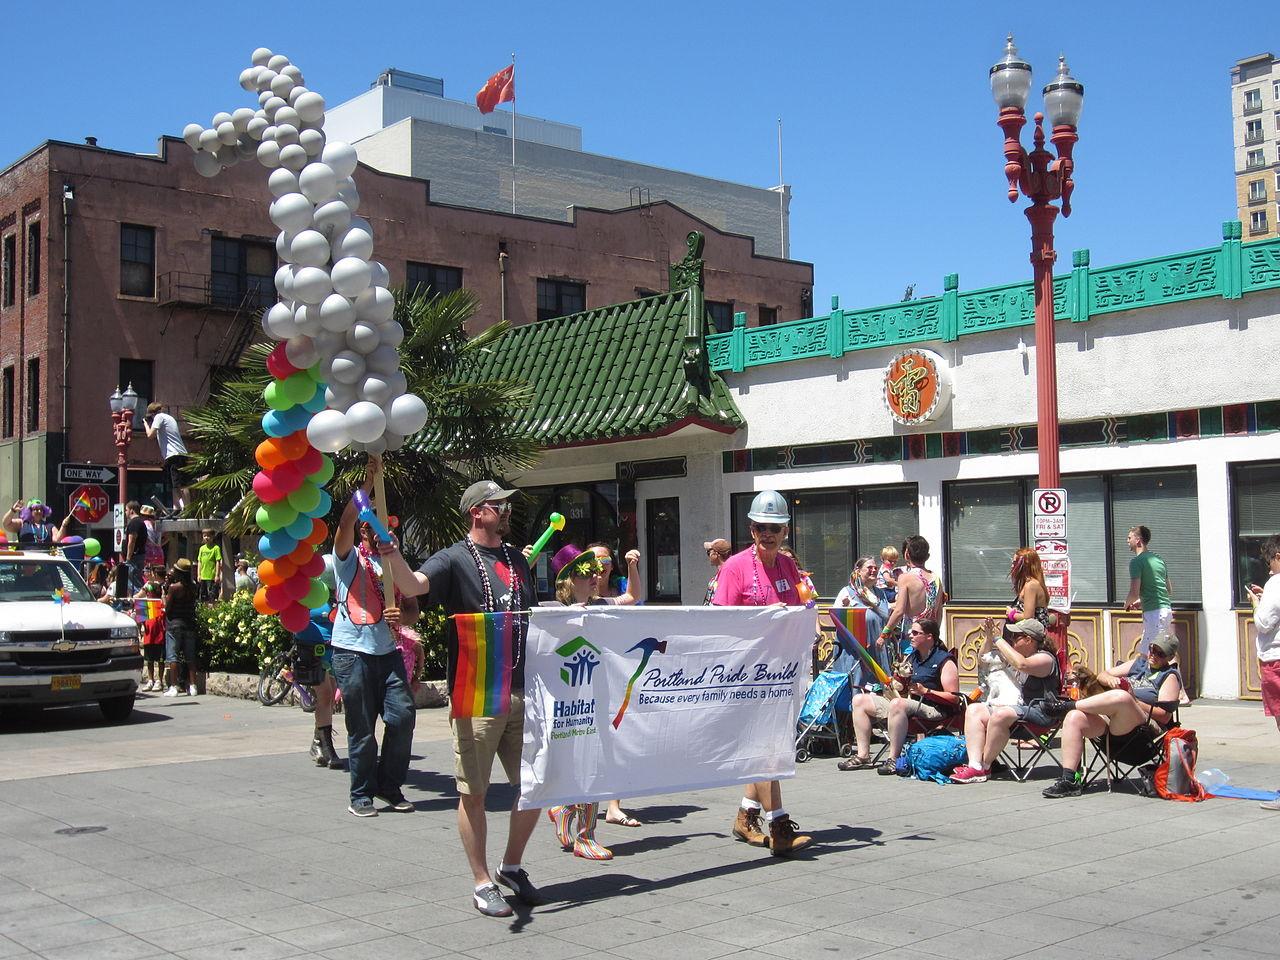 gay pride parade in portland